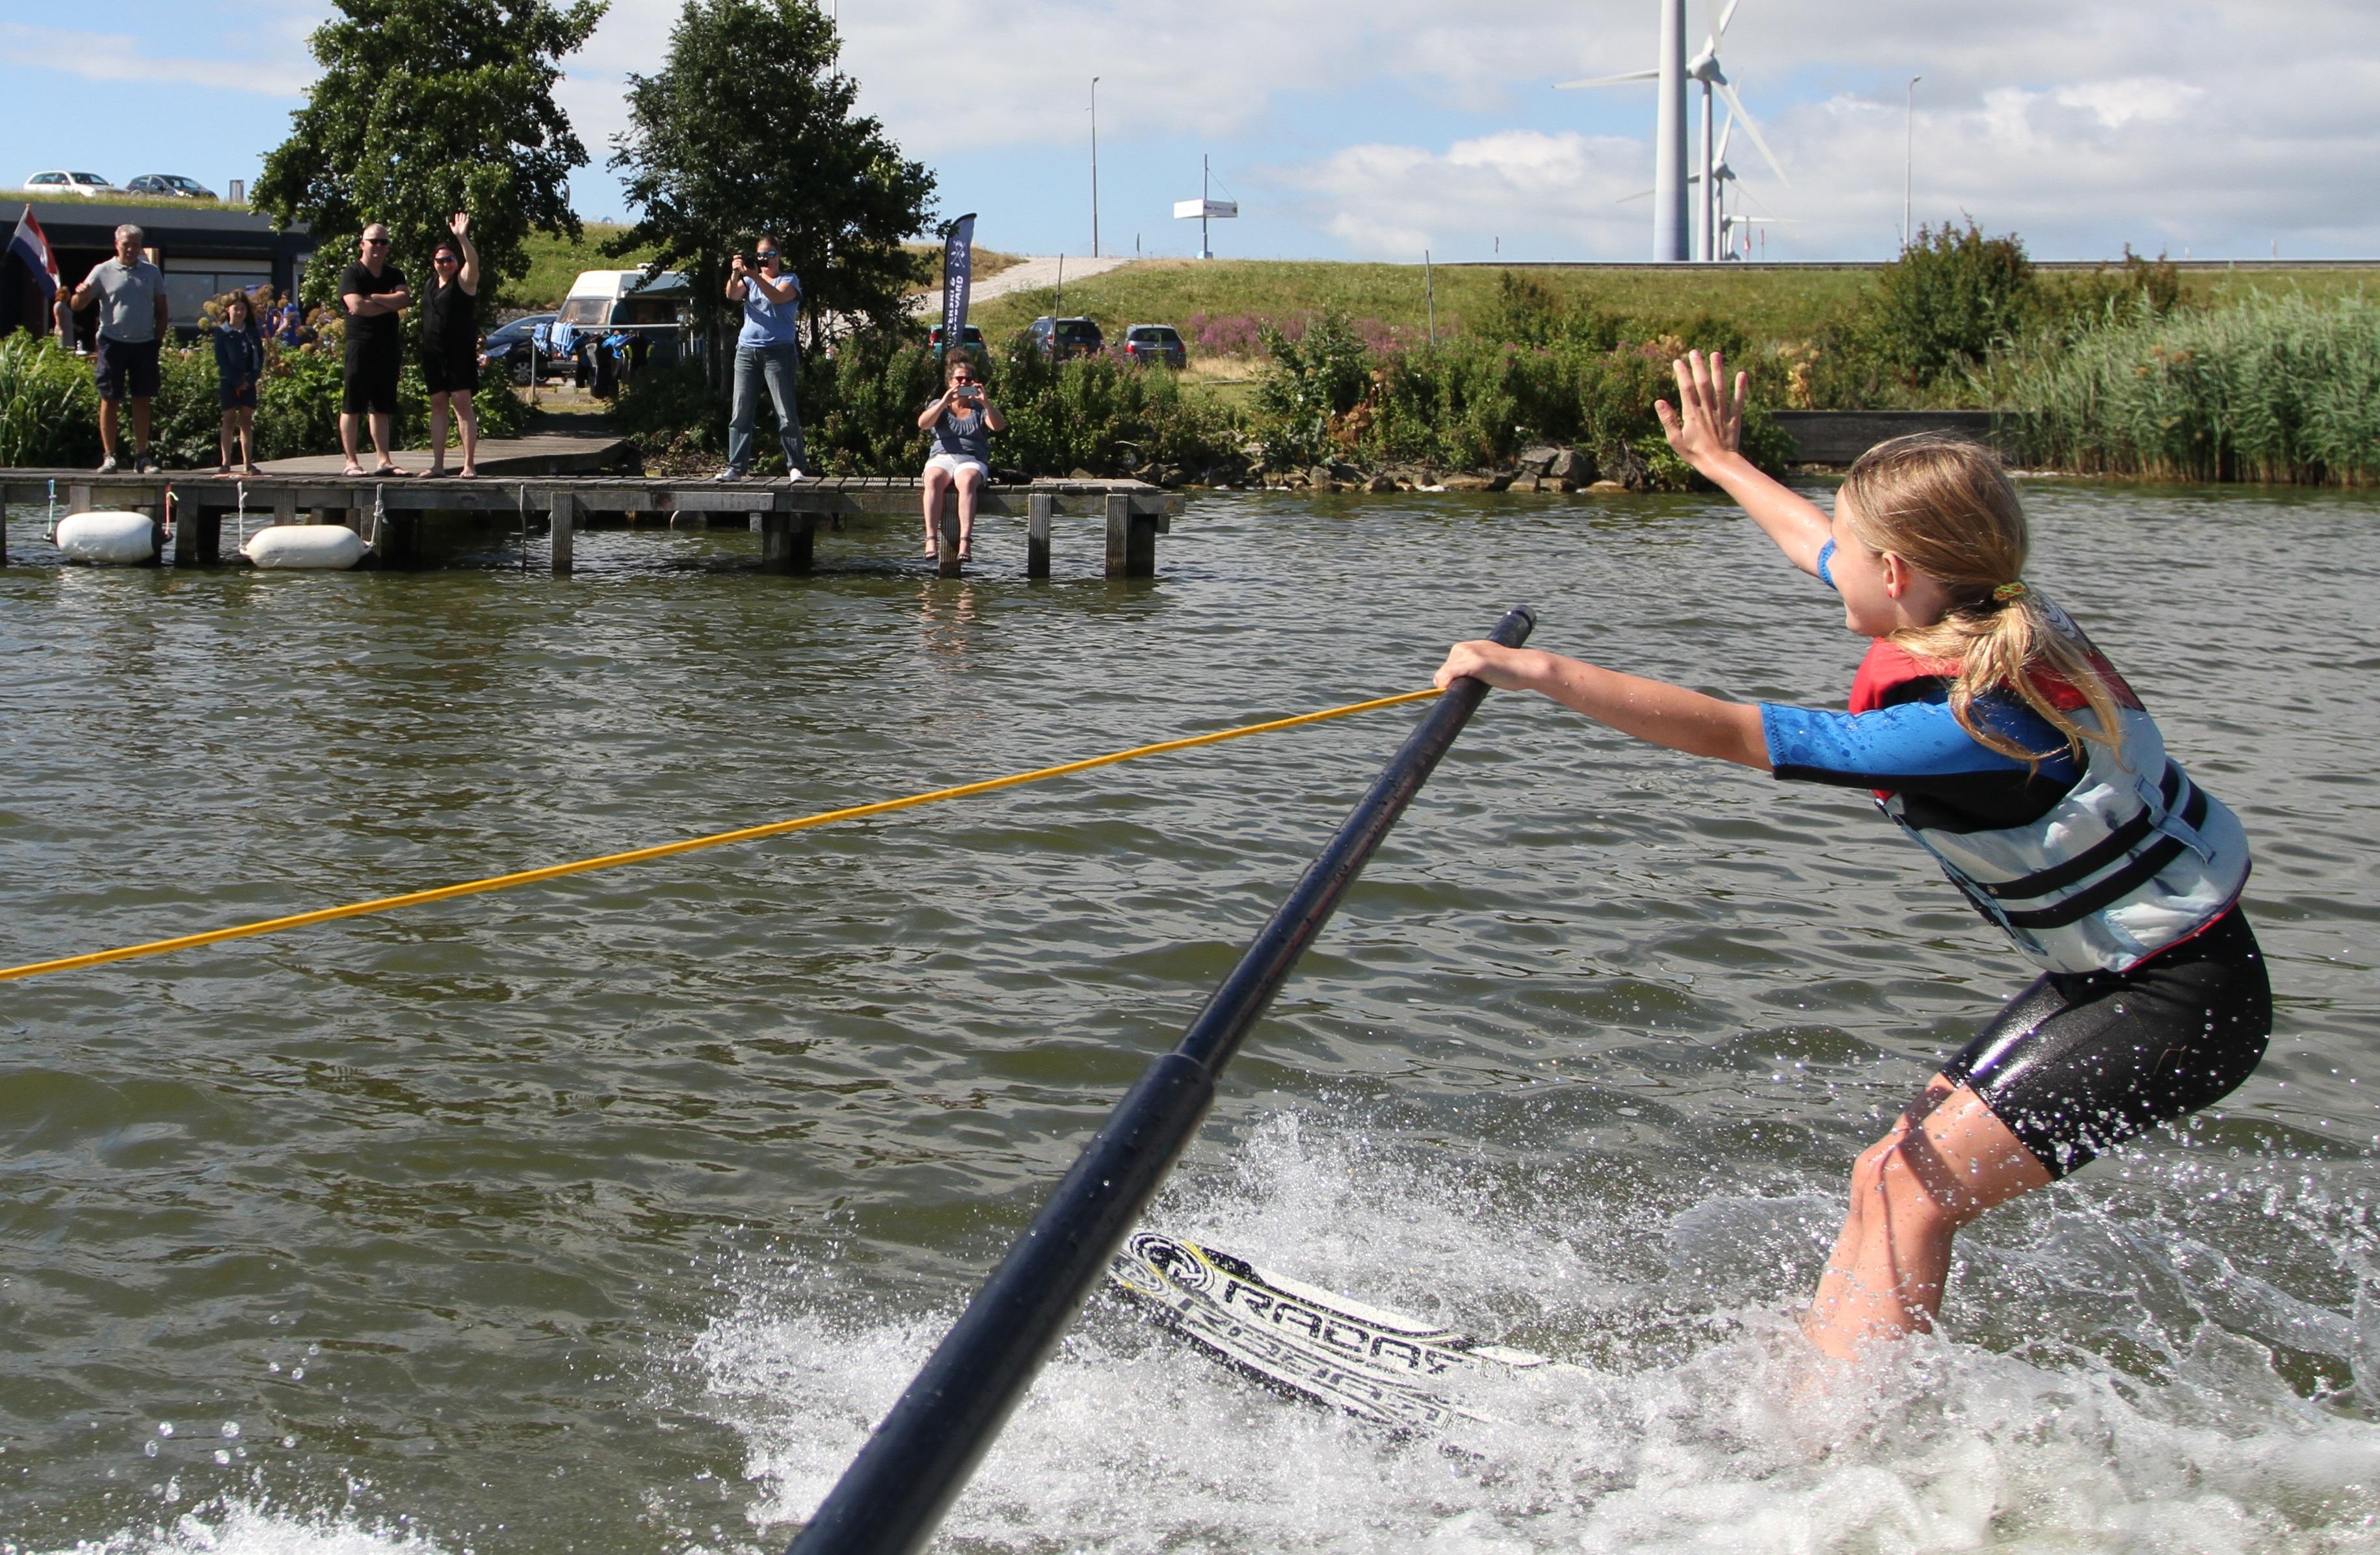 Tijdens de open dag van waterski- en wakeboardvereniging De Ven kunnen belangstellenden tegen een bijdrage de sport uitproberen. (Foto: aangeleverd)